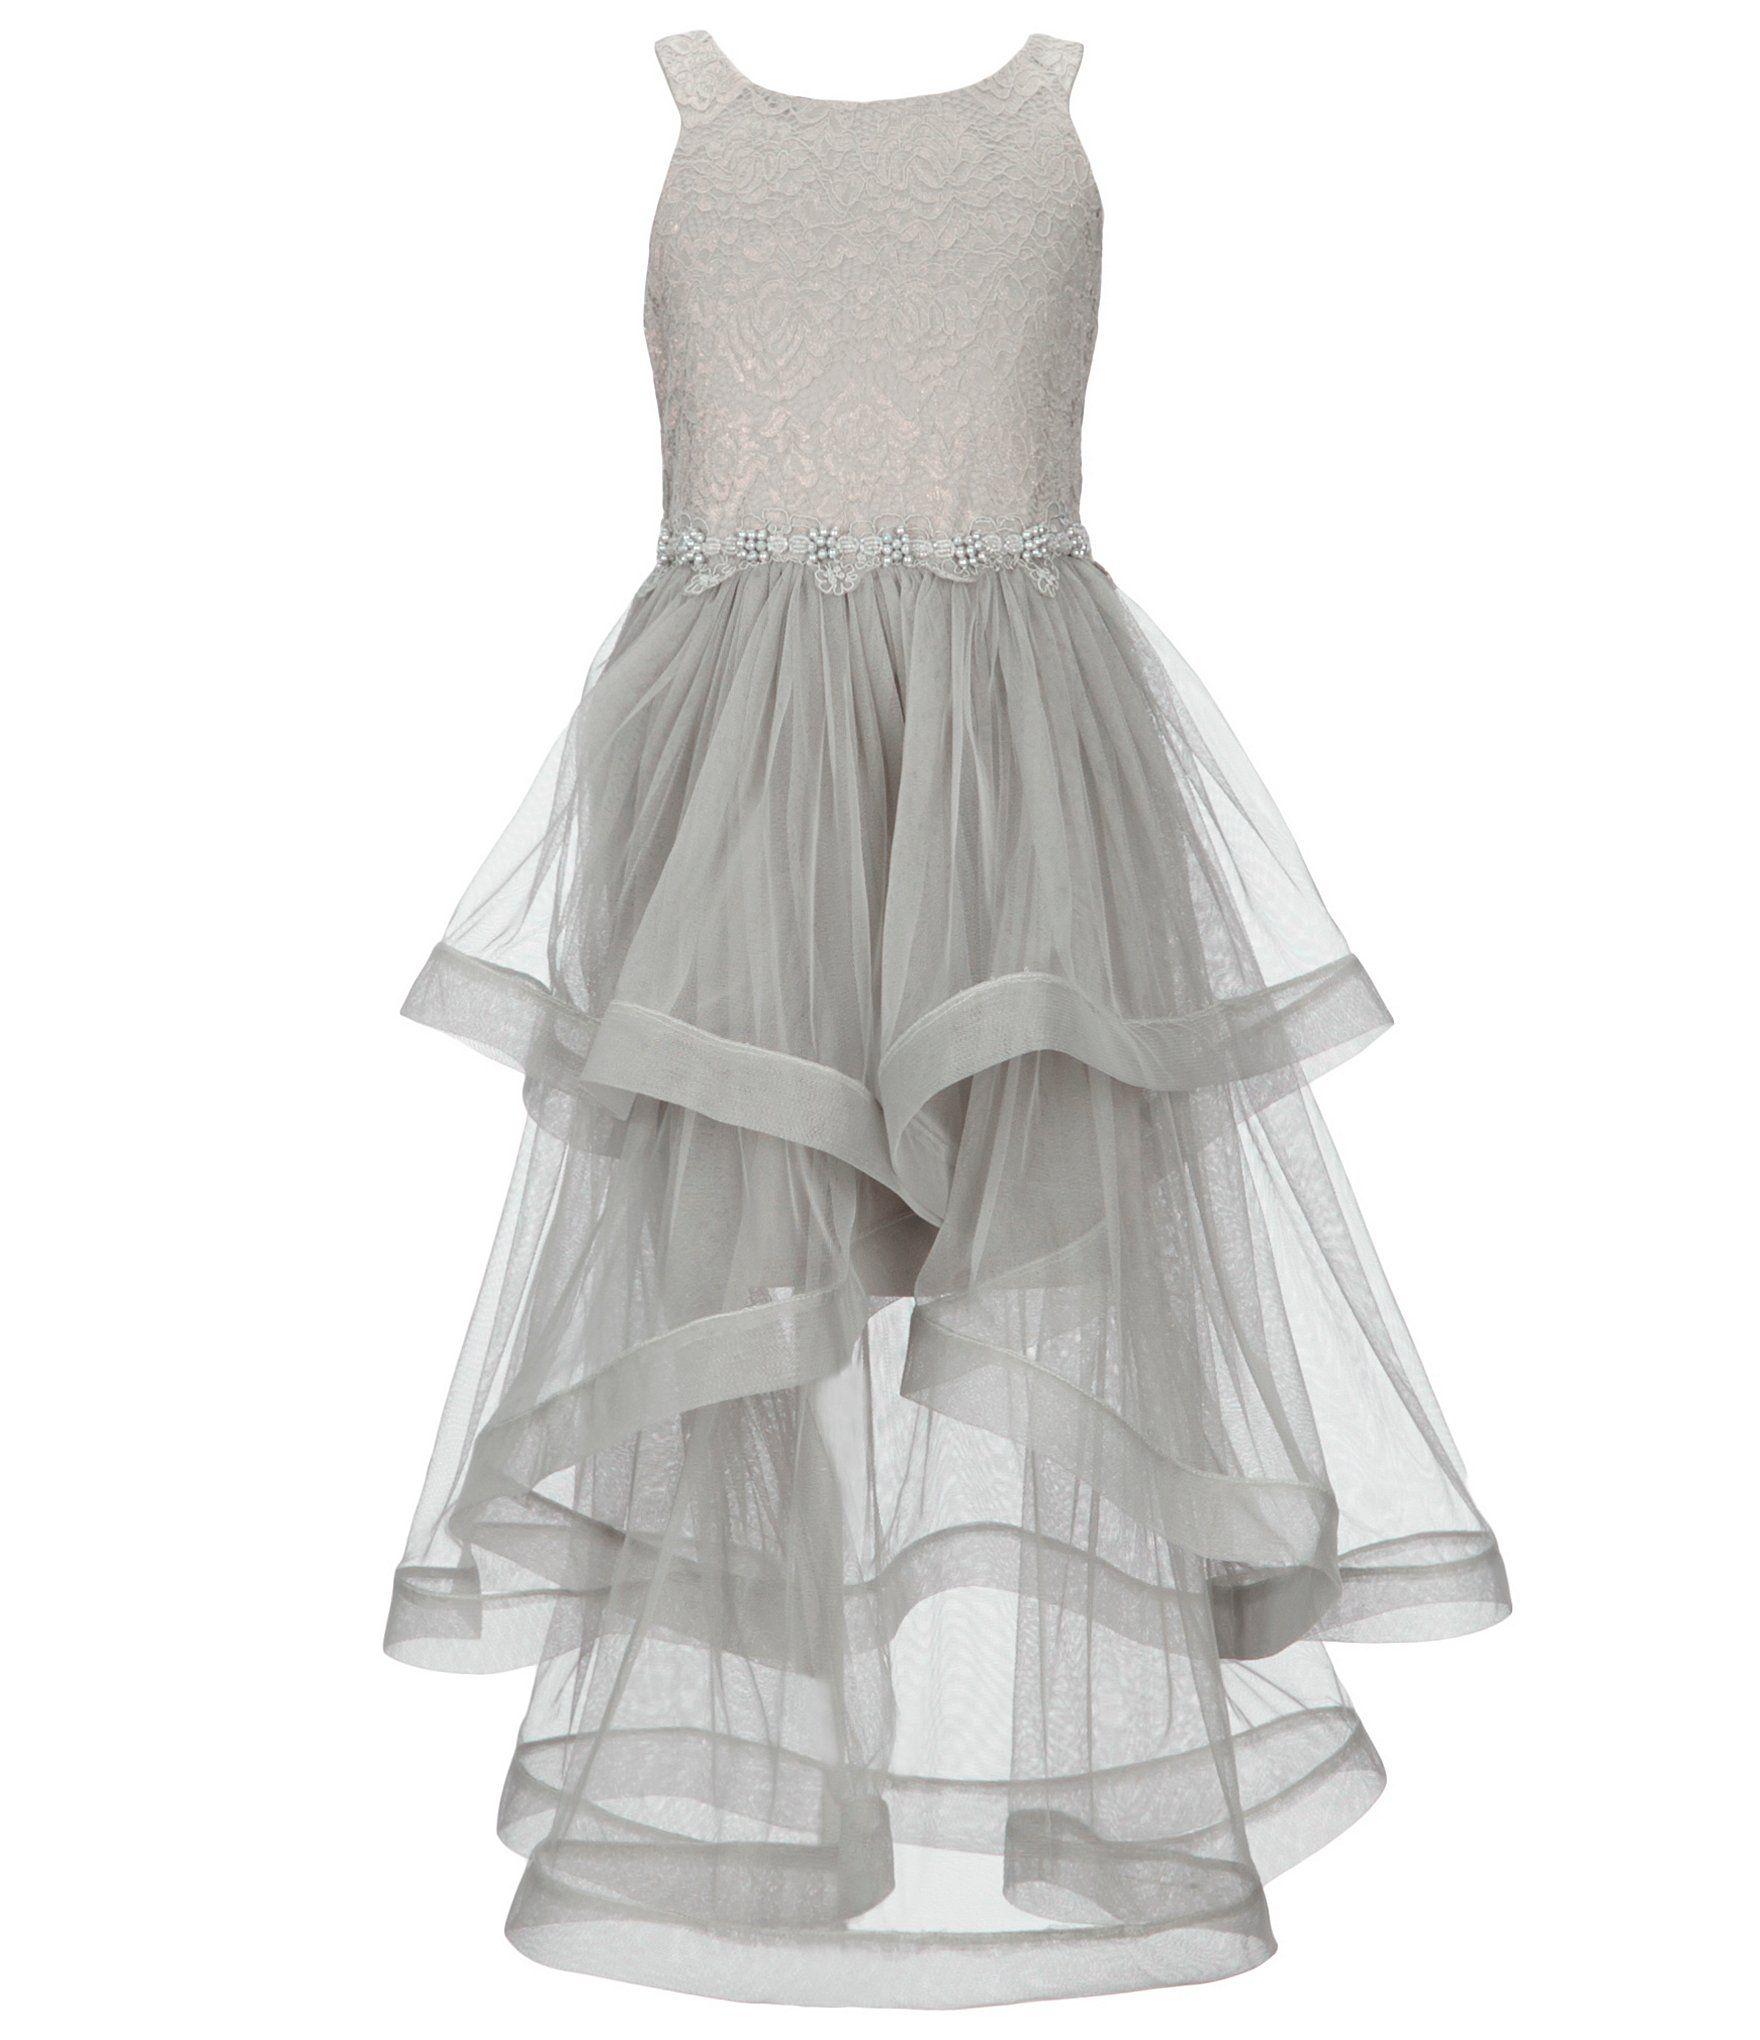 eb9c3abb4 Bonnie Jean Big Girls 716 LaceMesh FitAndFlare Dress #Dillards   new ...